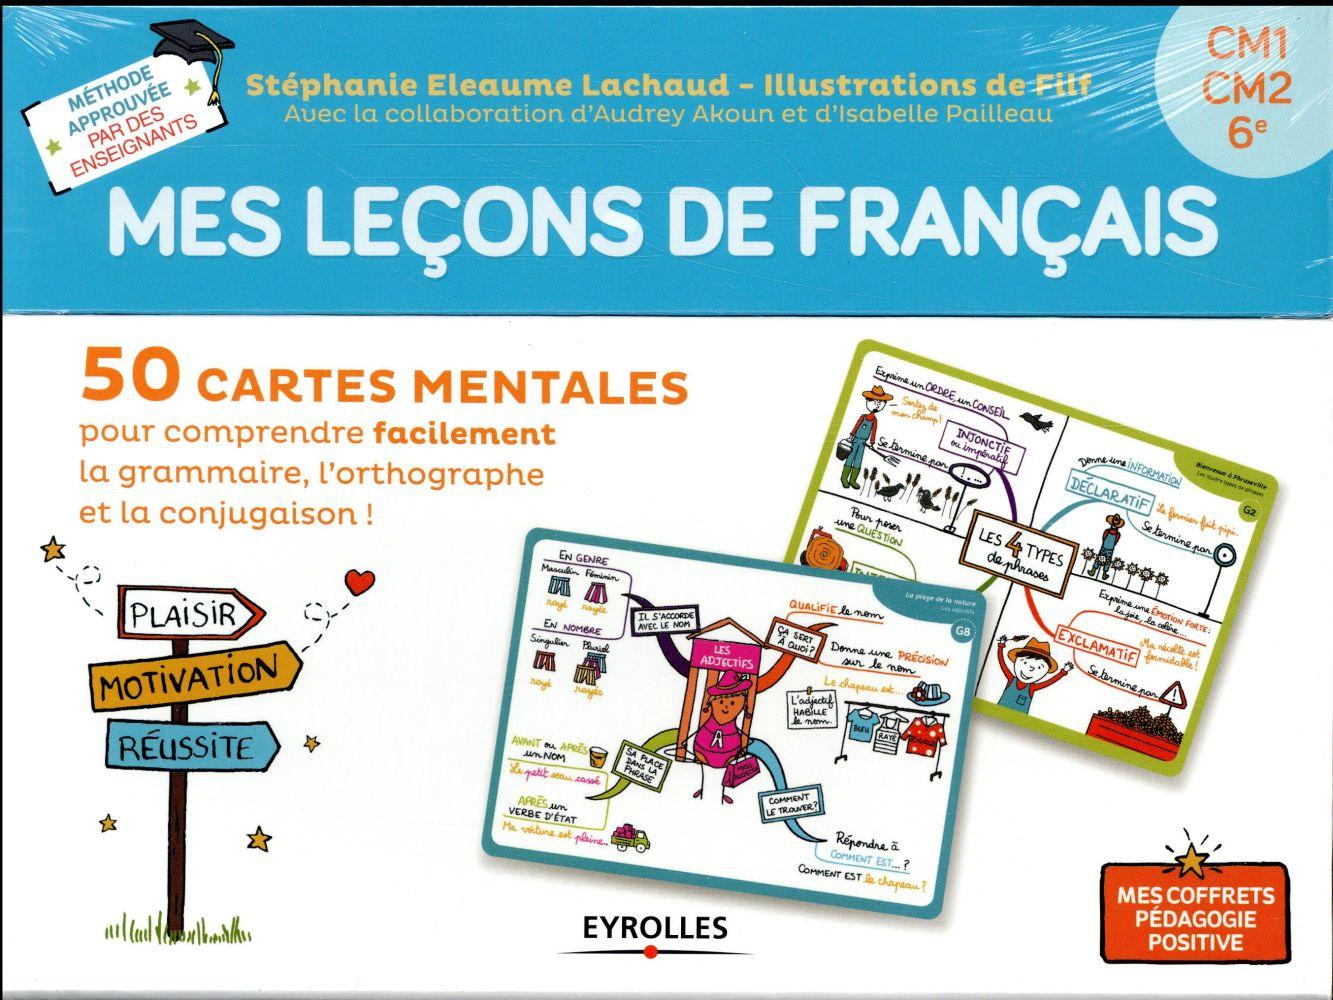 MES LECONS DE FRANCAIS  -  CM1, CM2, 6E  -  50 CARTES MENTALES